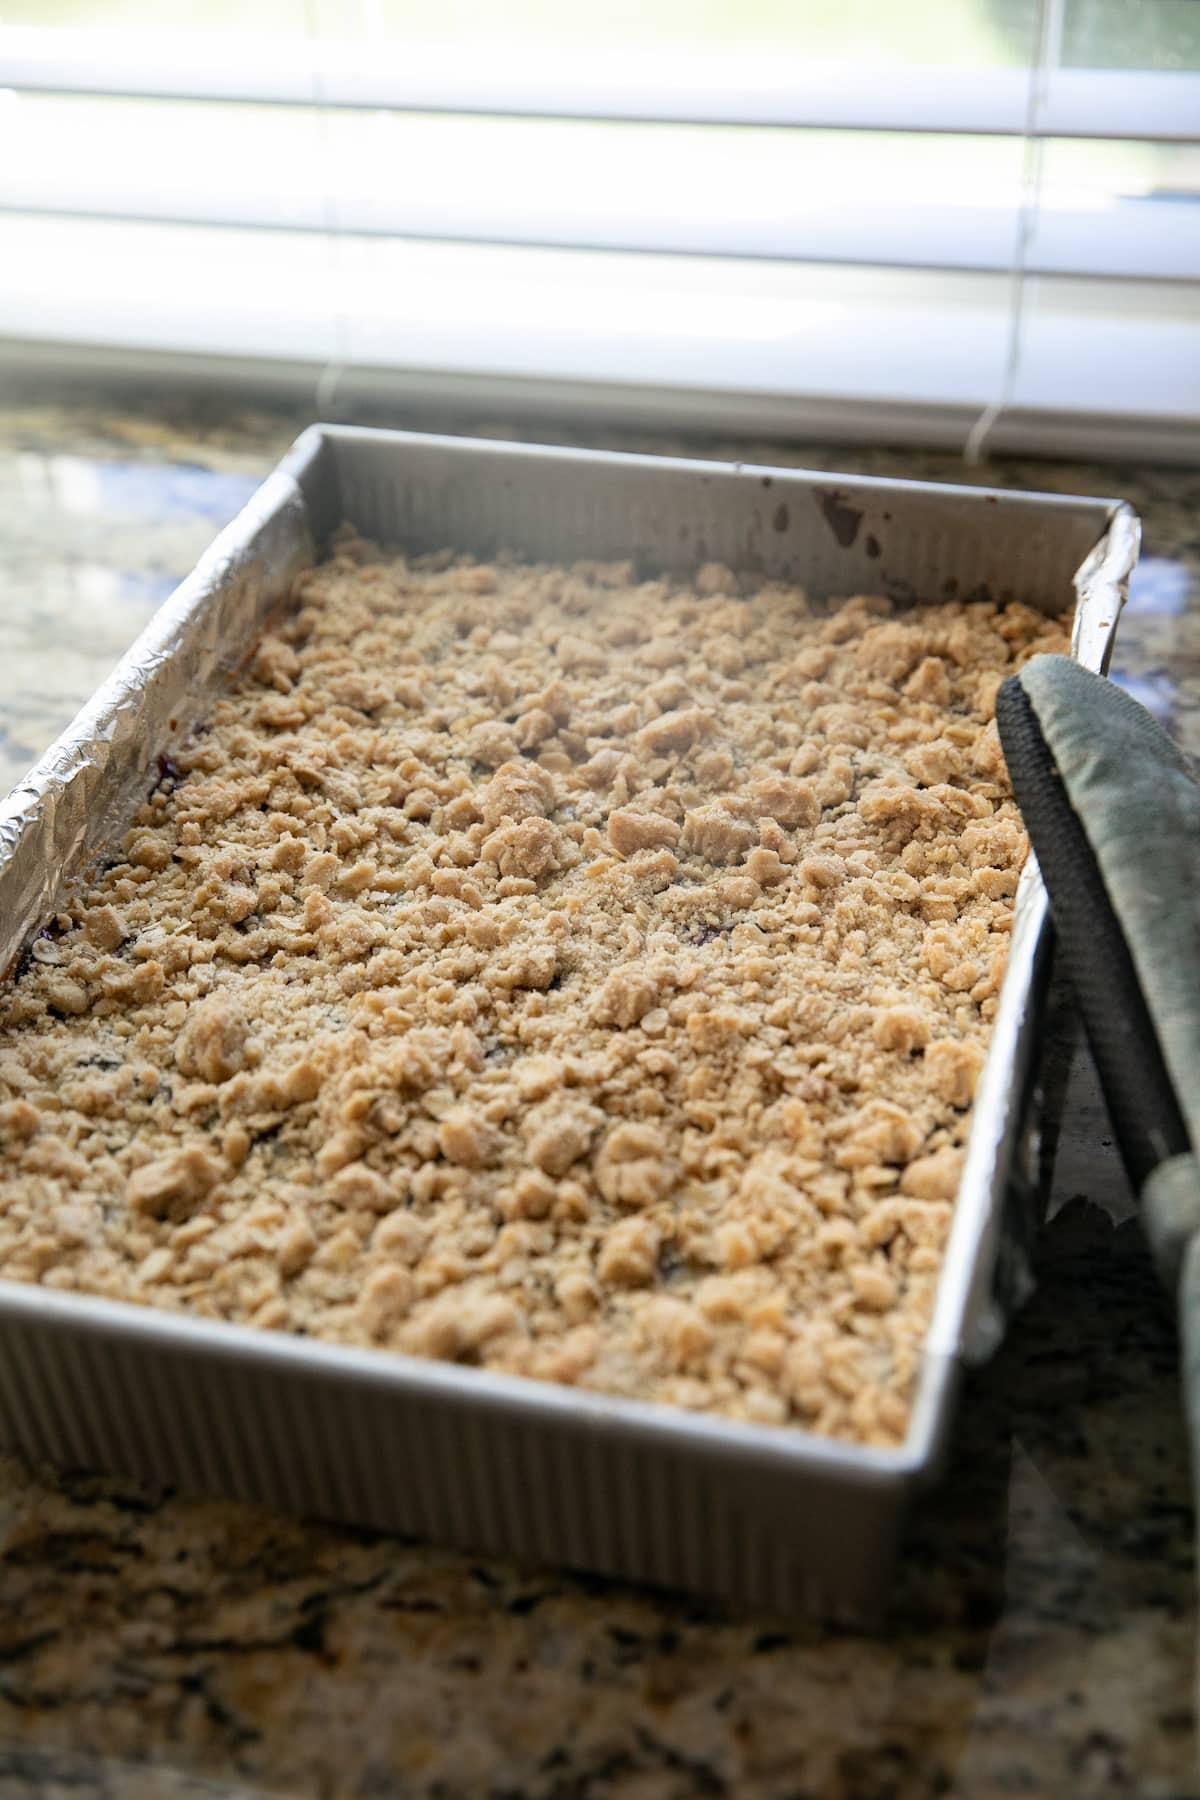 baked lemon blueberry bars in a baking pan